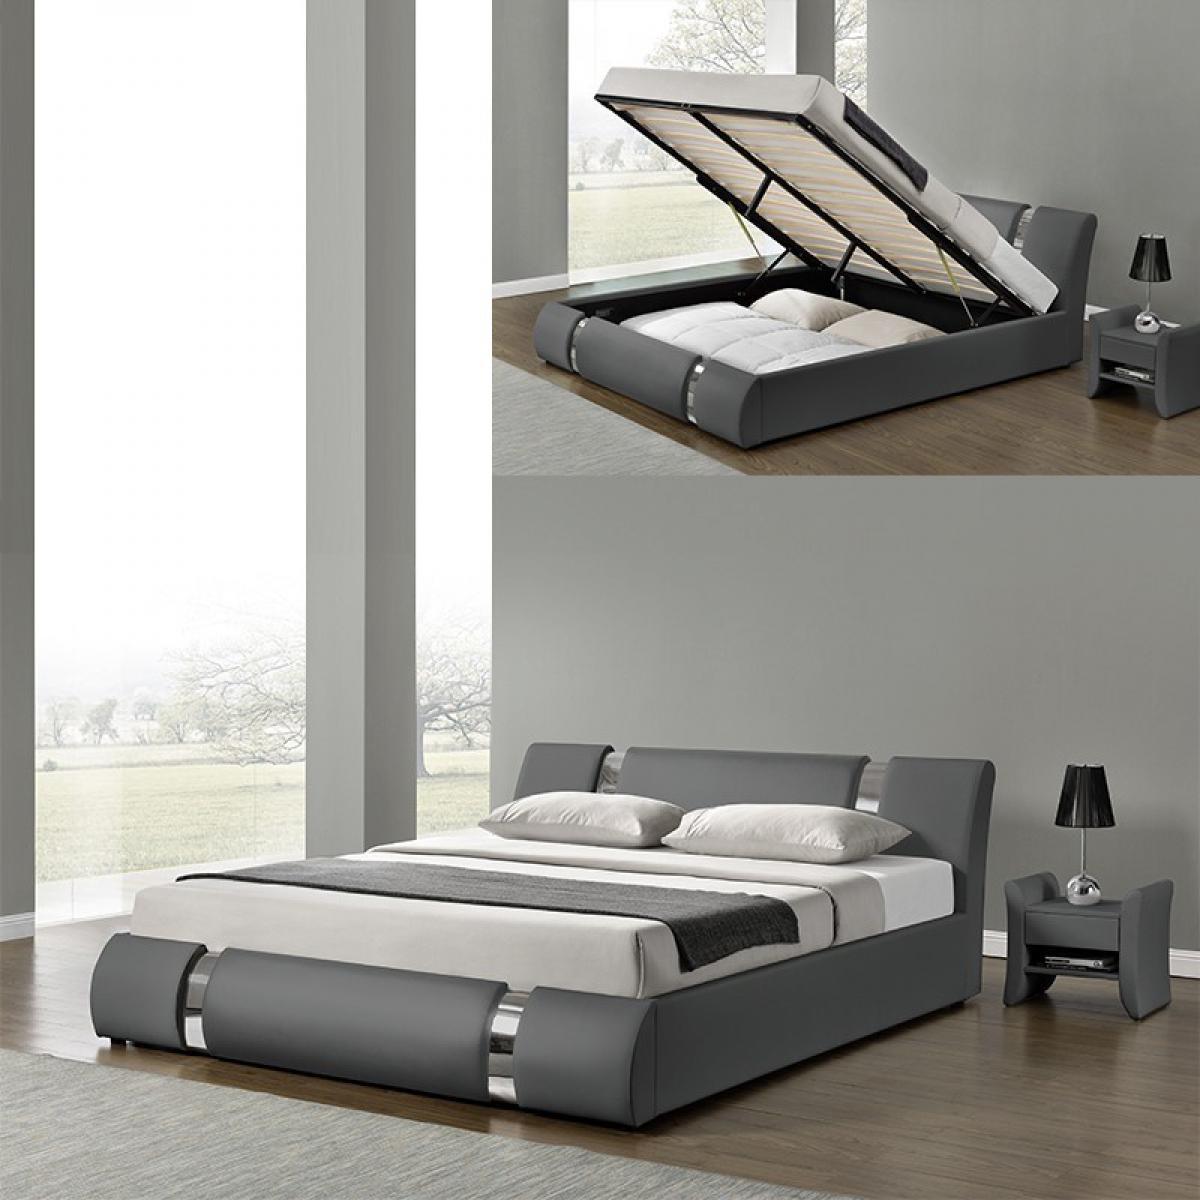 Meubler Design Lit Coffre Sommier Relevable Nova - Gris - 160x200